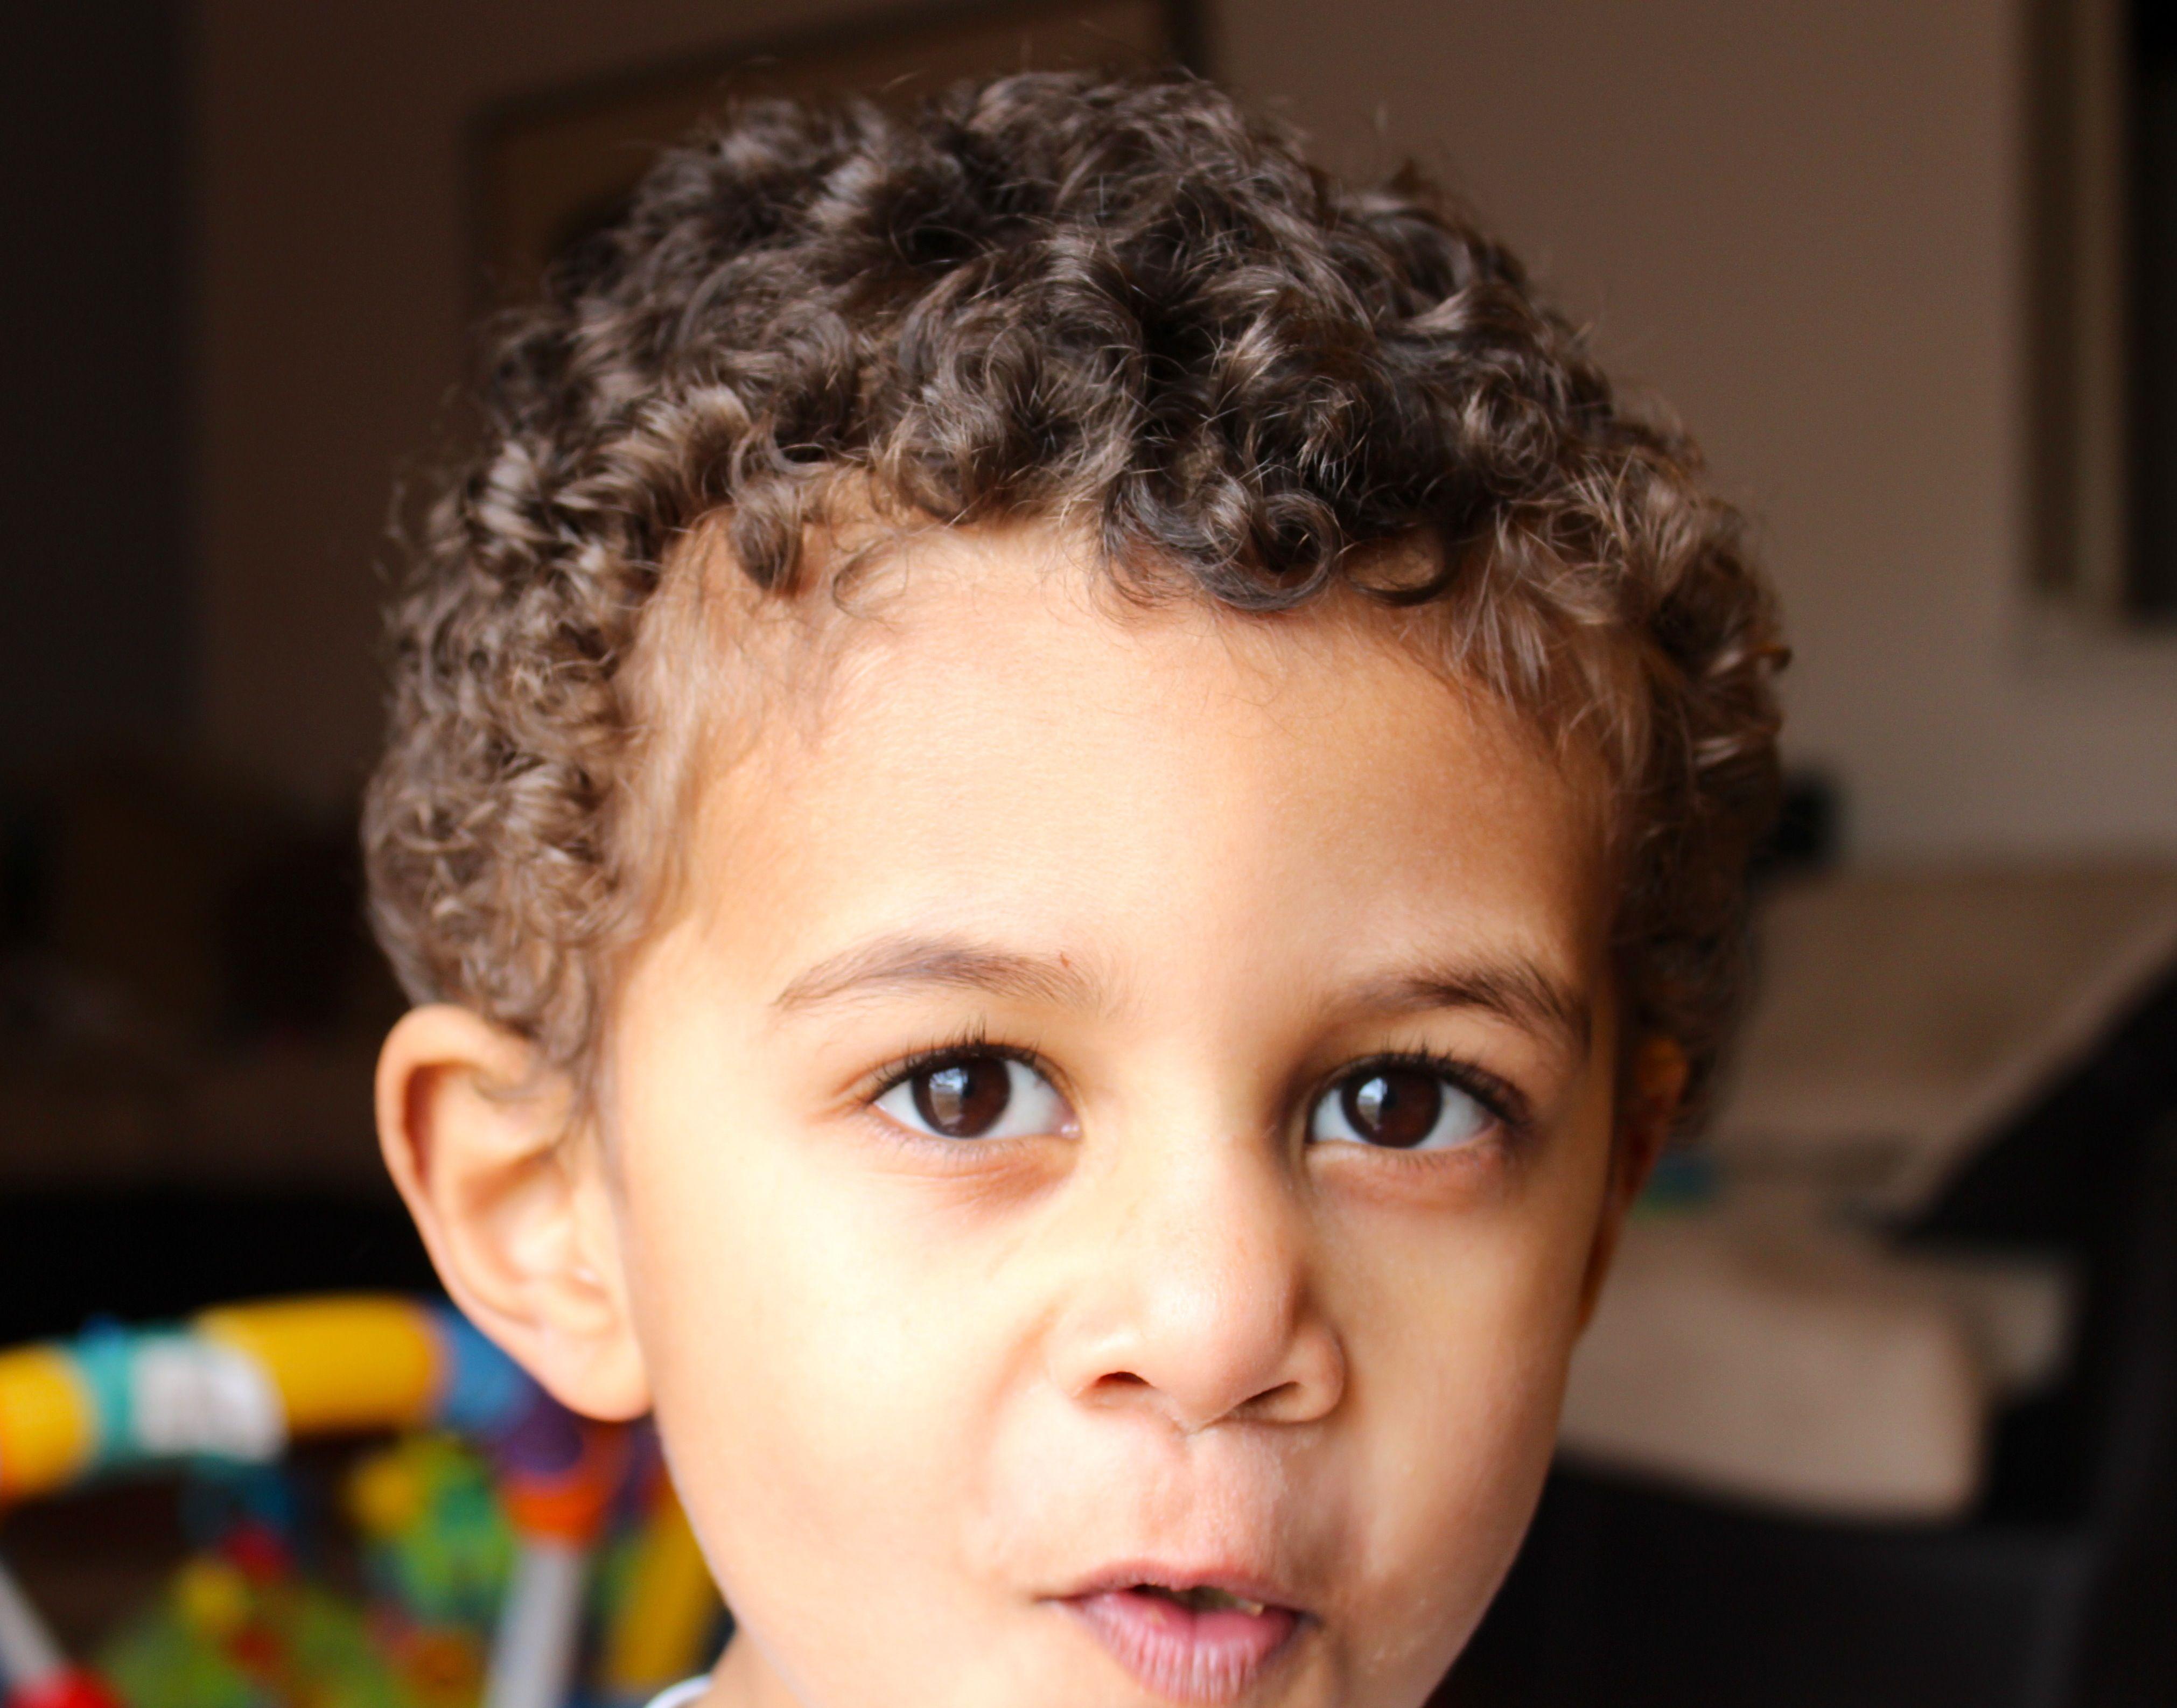 Прически для мальчика с кудрявыми волосами